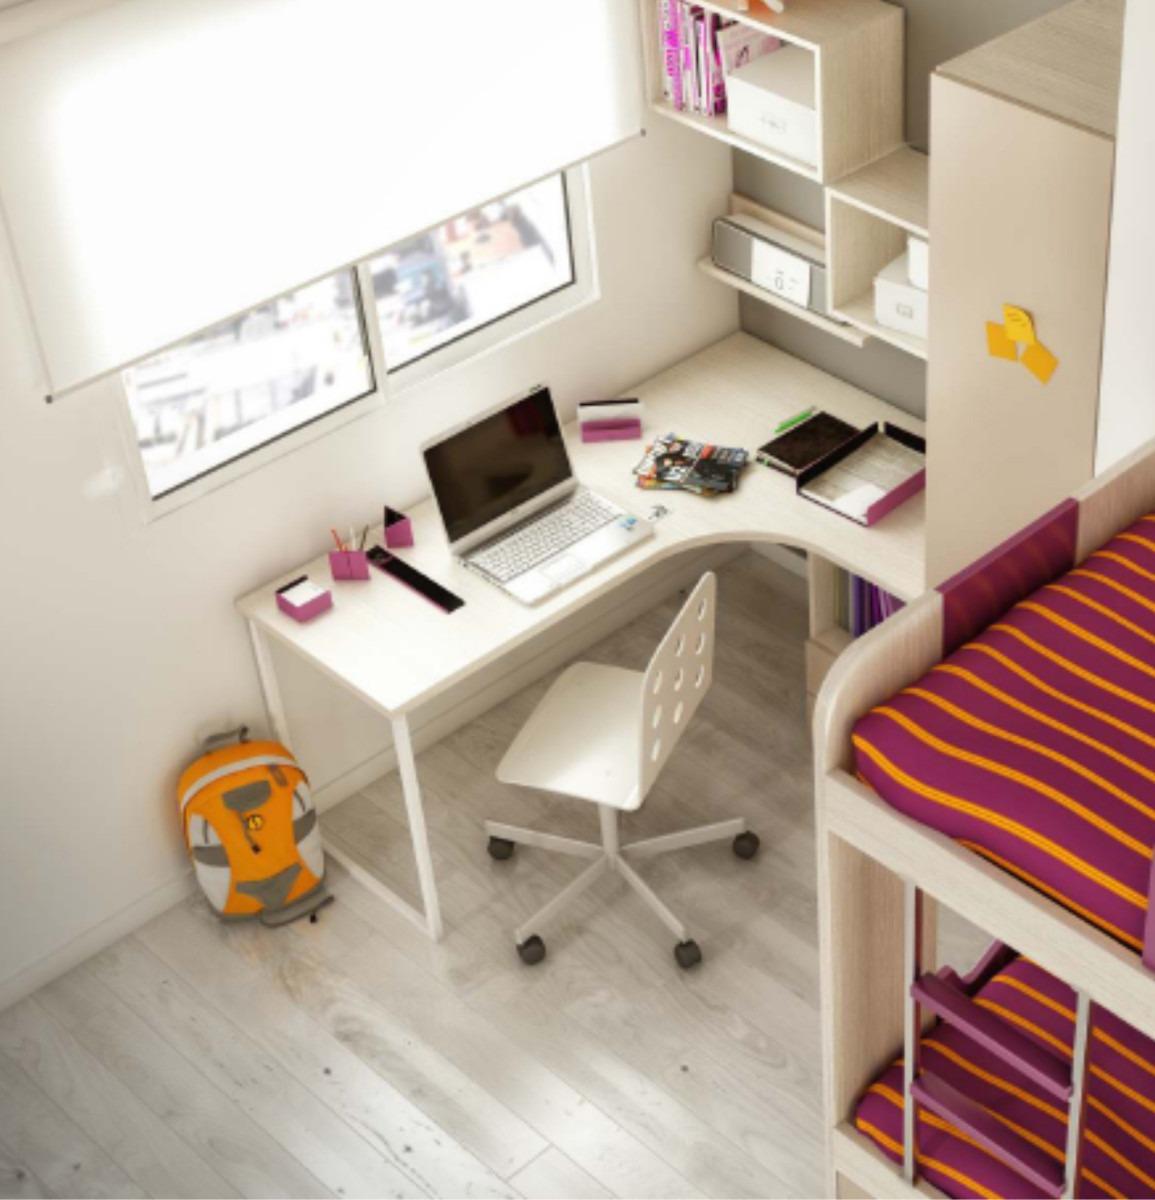 Escritorio Juvenil Laqueado Muebles Infantiles 7 100 00 En  # Muebles Laqueados Infantiles